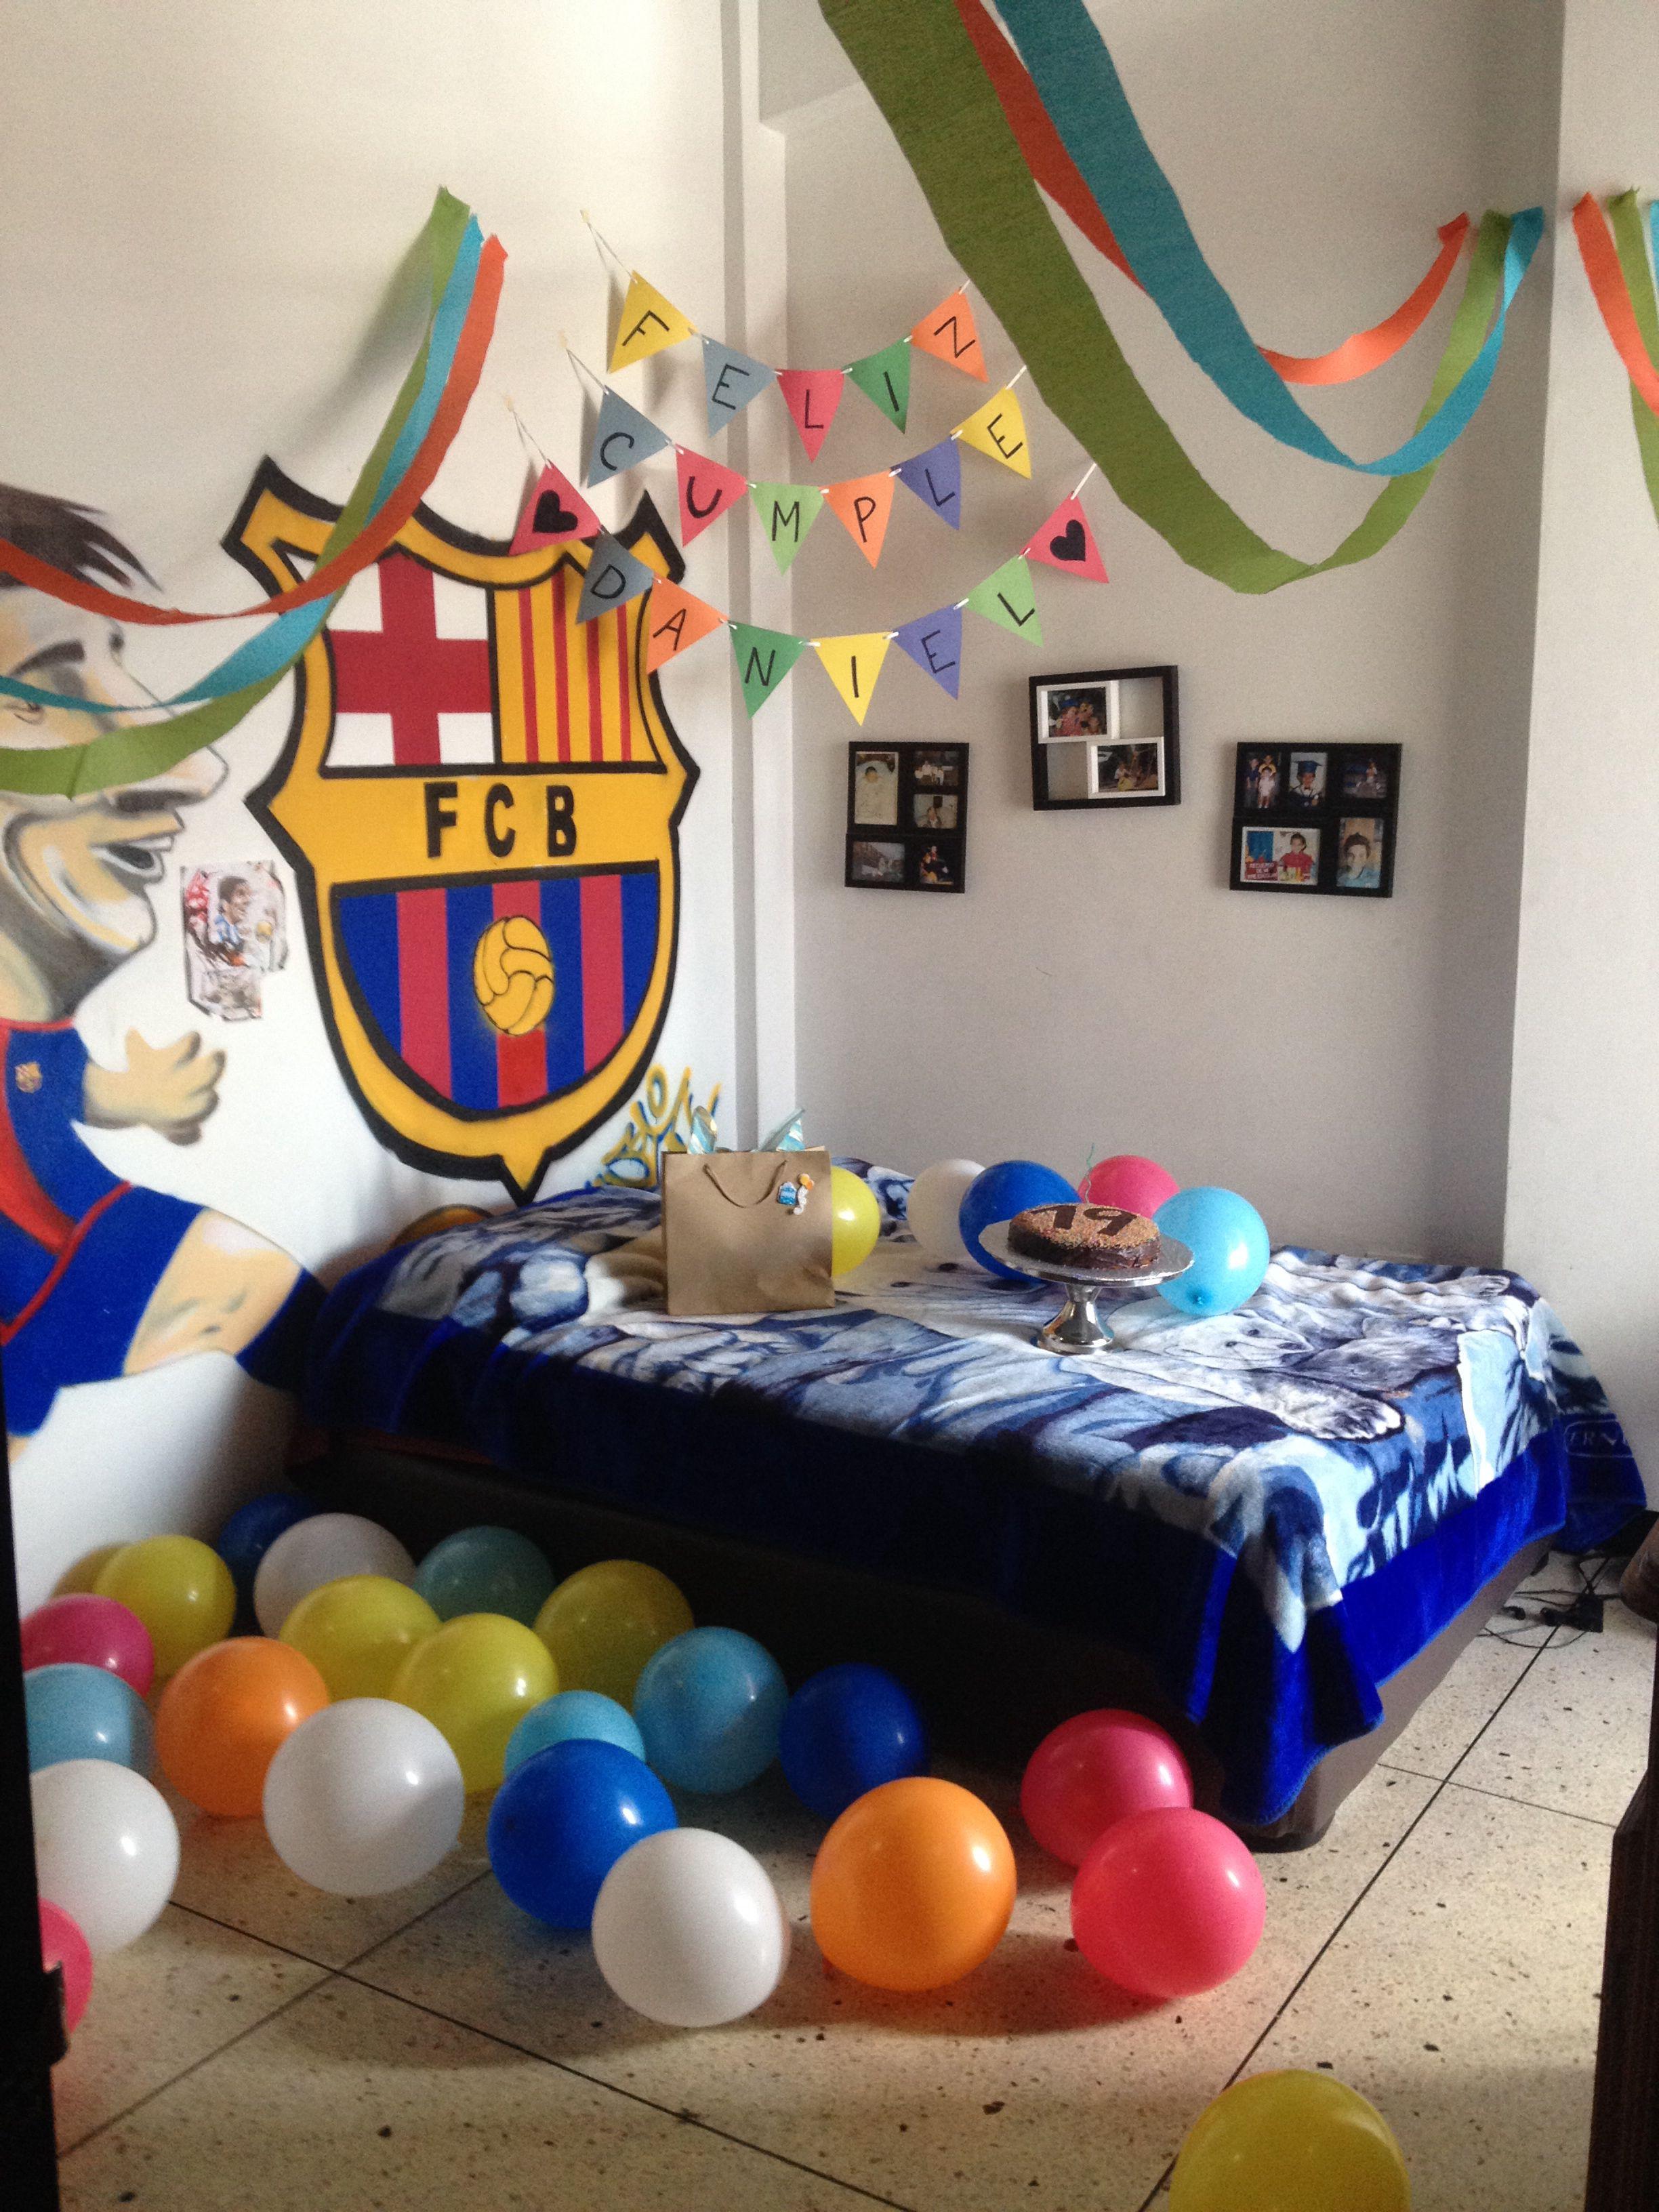 Sorpresa de cumplea os para algun novio futbolista for Regalos para fiestas de cumpleanos infantiles